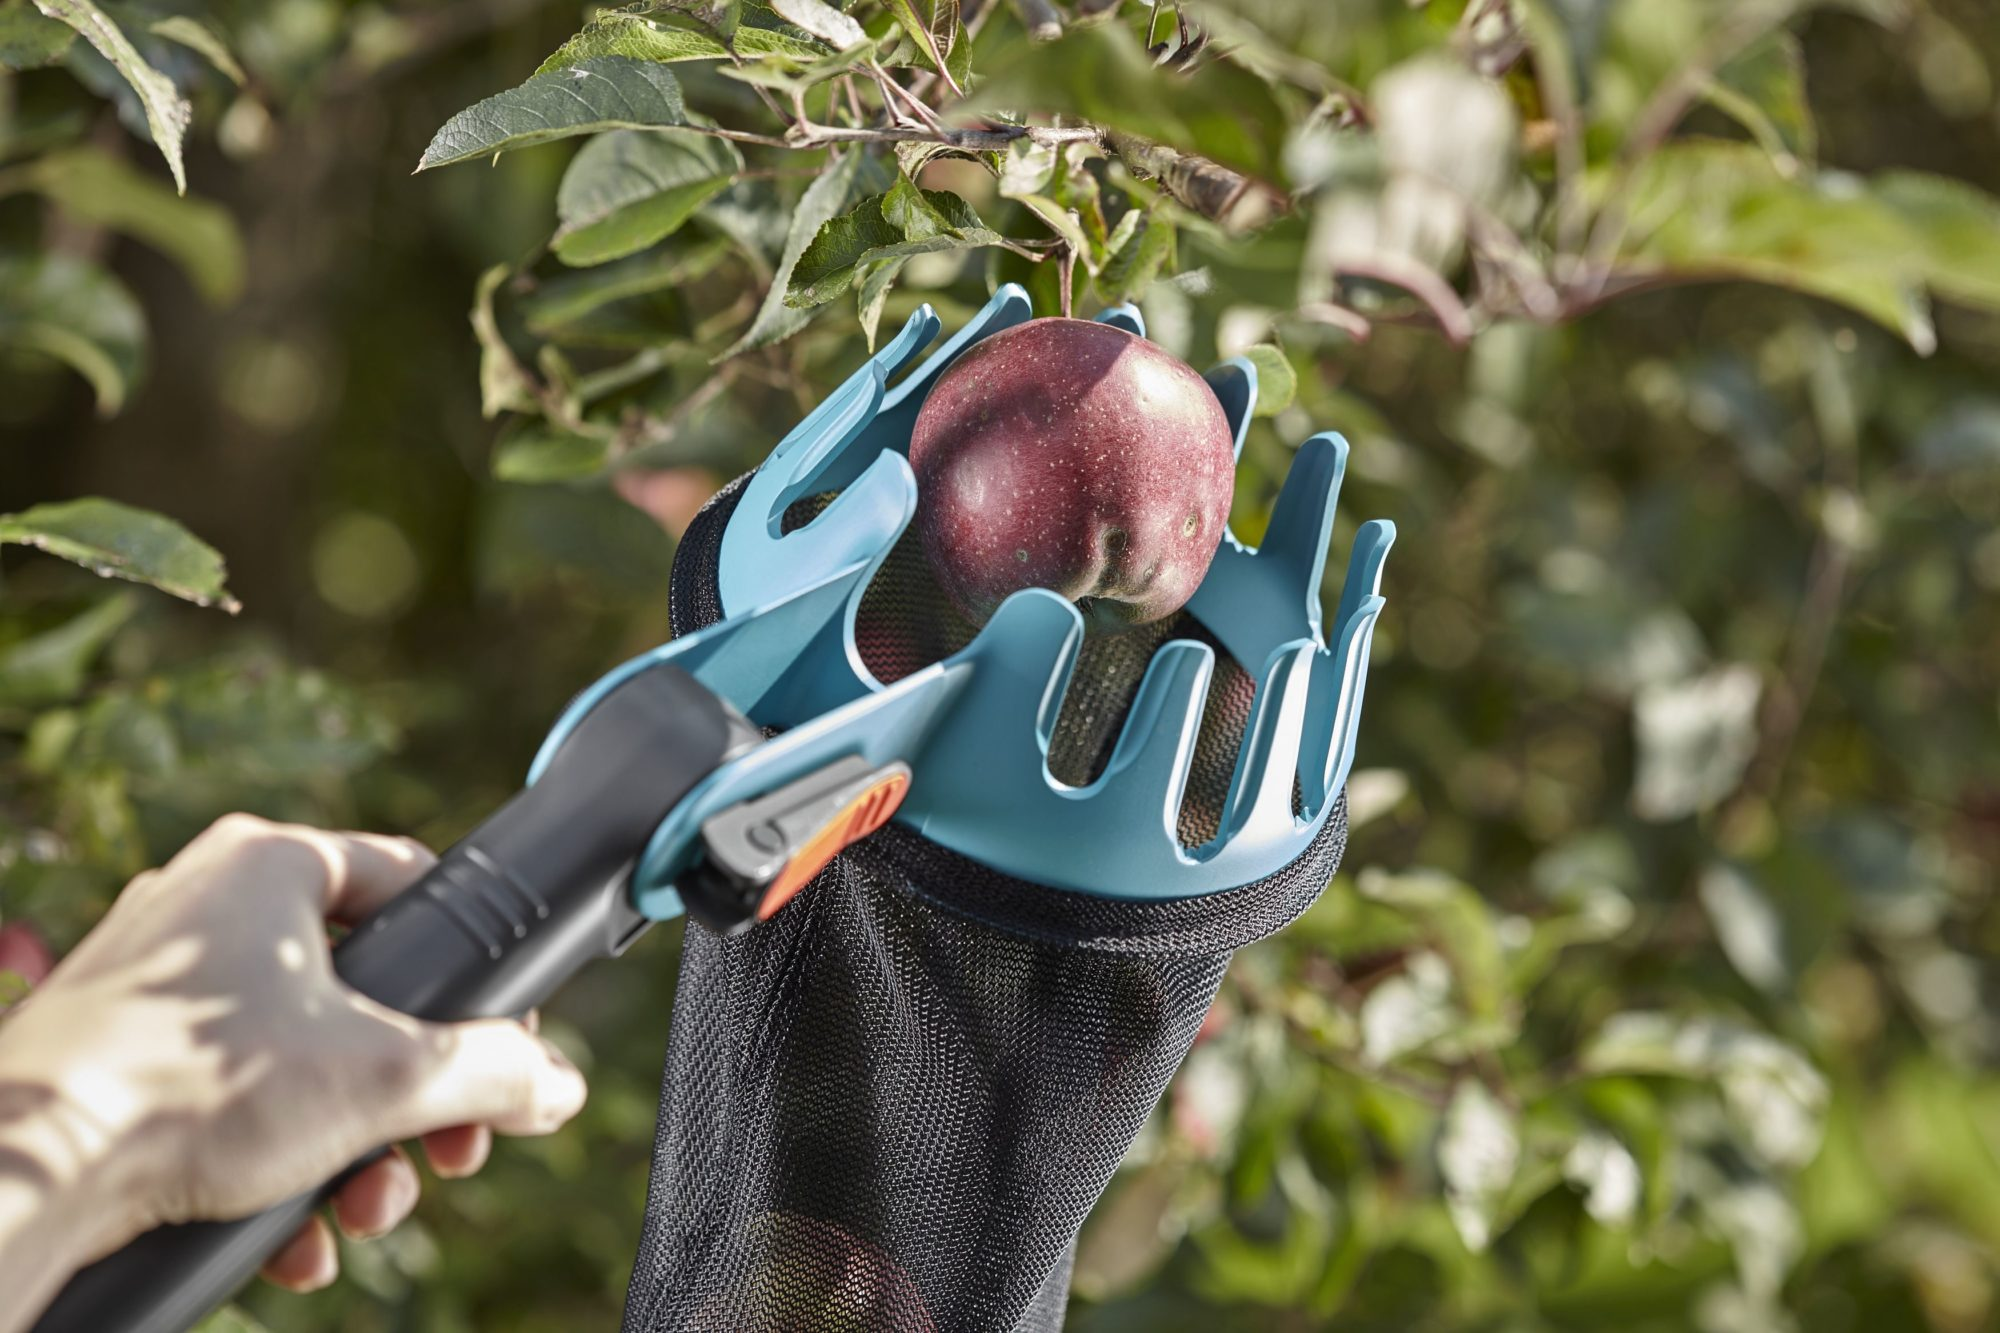 Многие садоводы для сбора урожая используются специальные плодосъемники